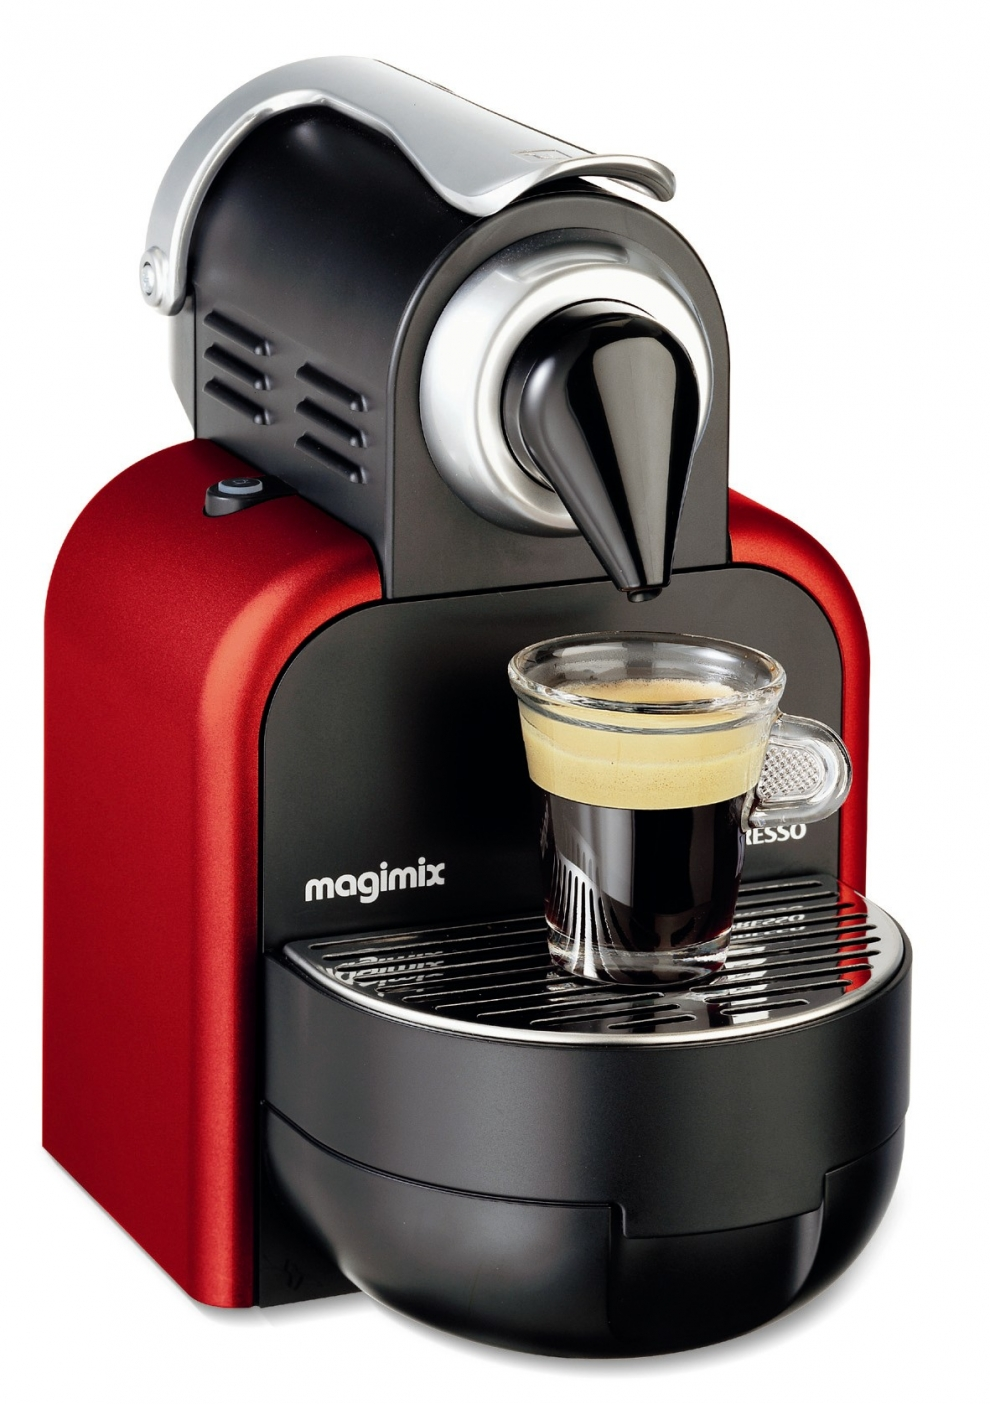 magimix nespresso m 100 rouge glamour automatique magimix 11280 11280 achetez au meilleur. Black Bedroom Furniture Sets. Home Design Ideas